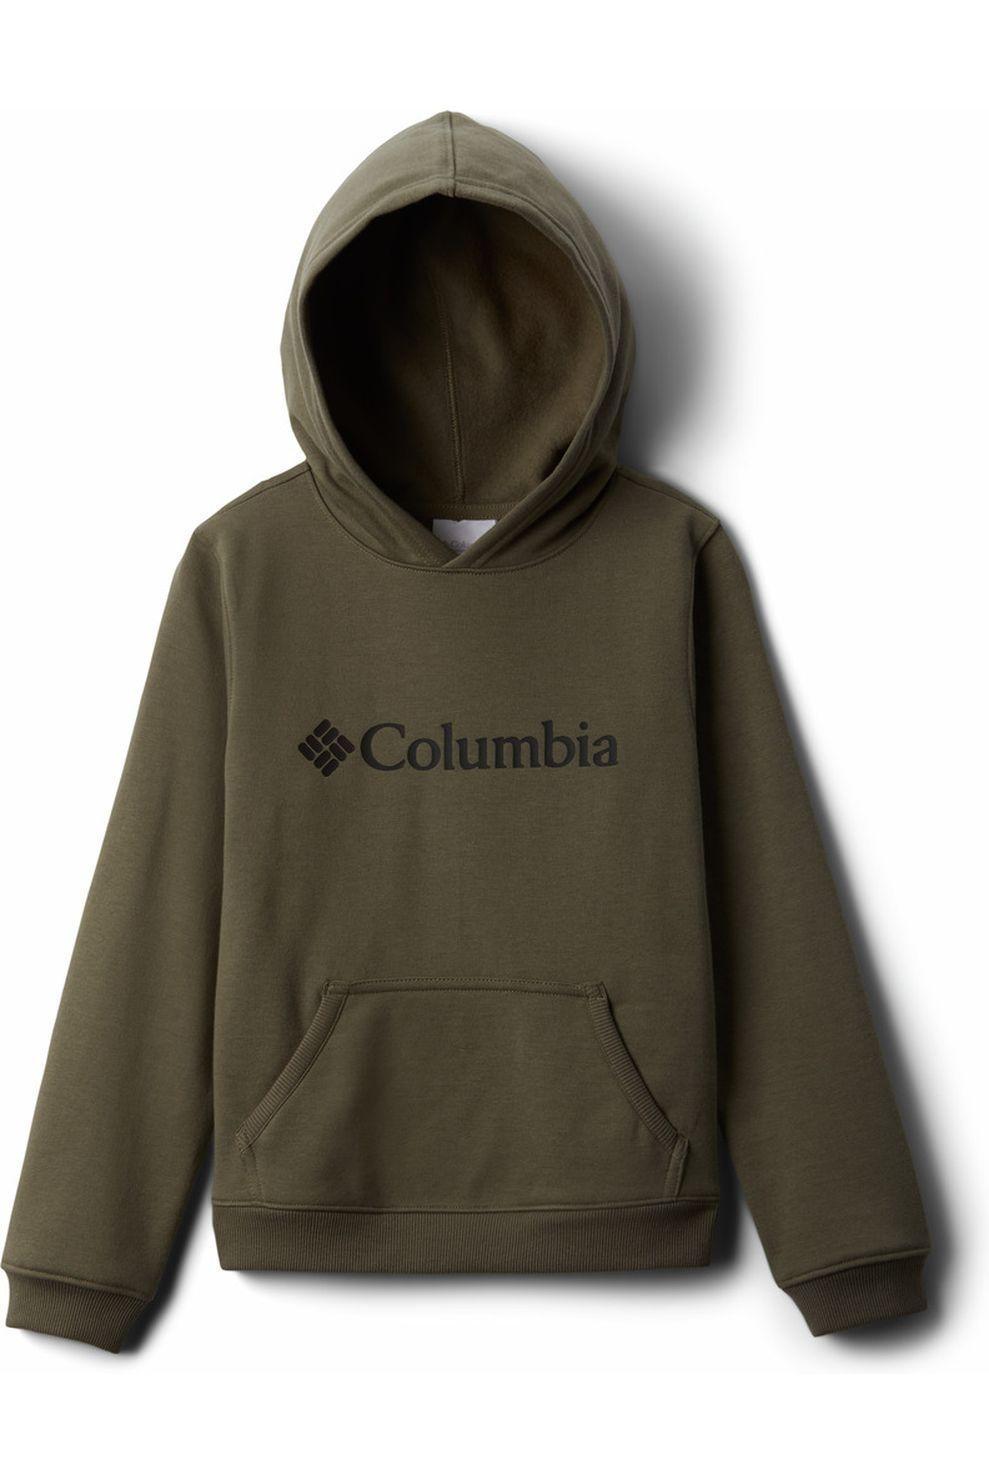 Columbia Trui Park Hoodie voor jongens - DonkerGroen - Maat: M